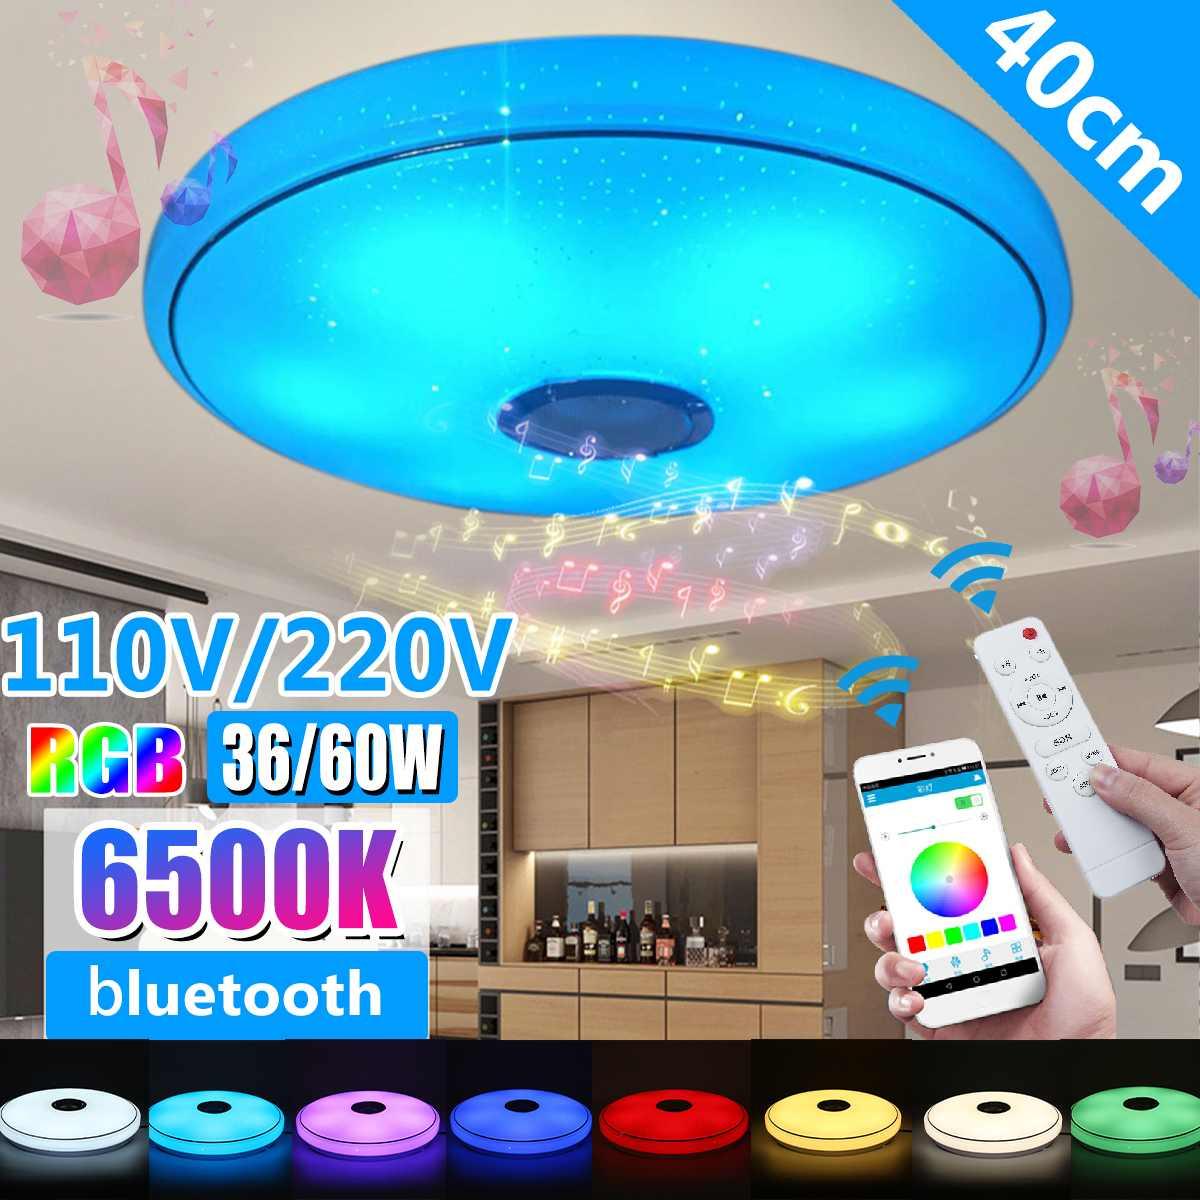 Nowoczesne oświetlenie sufitowe LED RGB oświetlenie domu 36W 60W APP muzyka bluetooth światła lampy do sypialni inteligentna lampa sufitowa + pilot